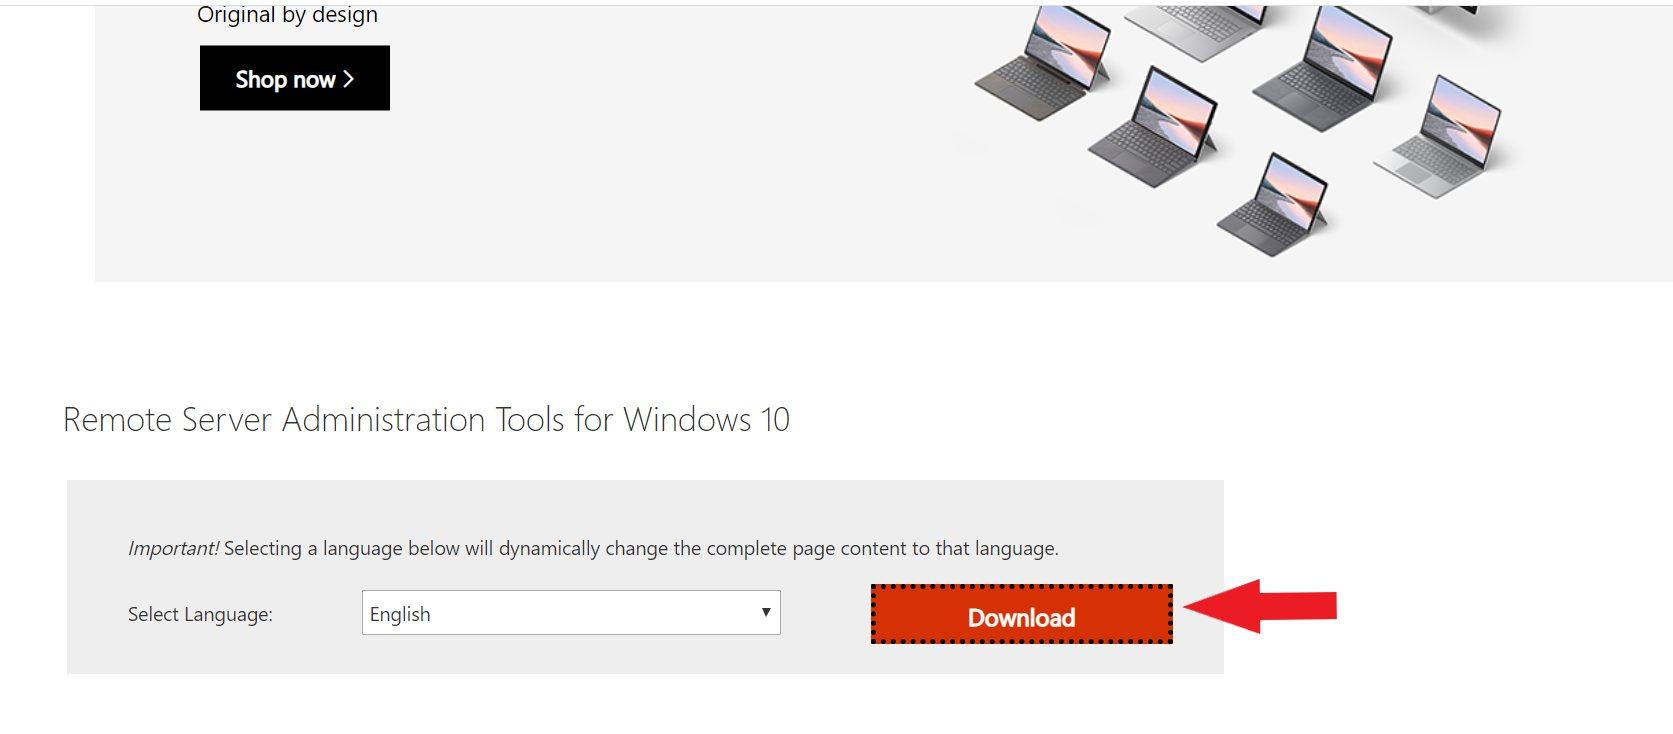 Кнопка загрузки браузера Windows